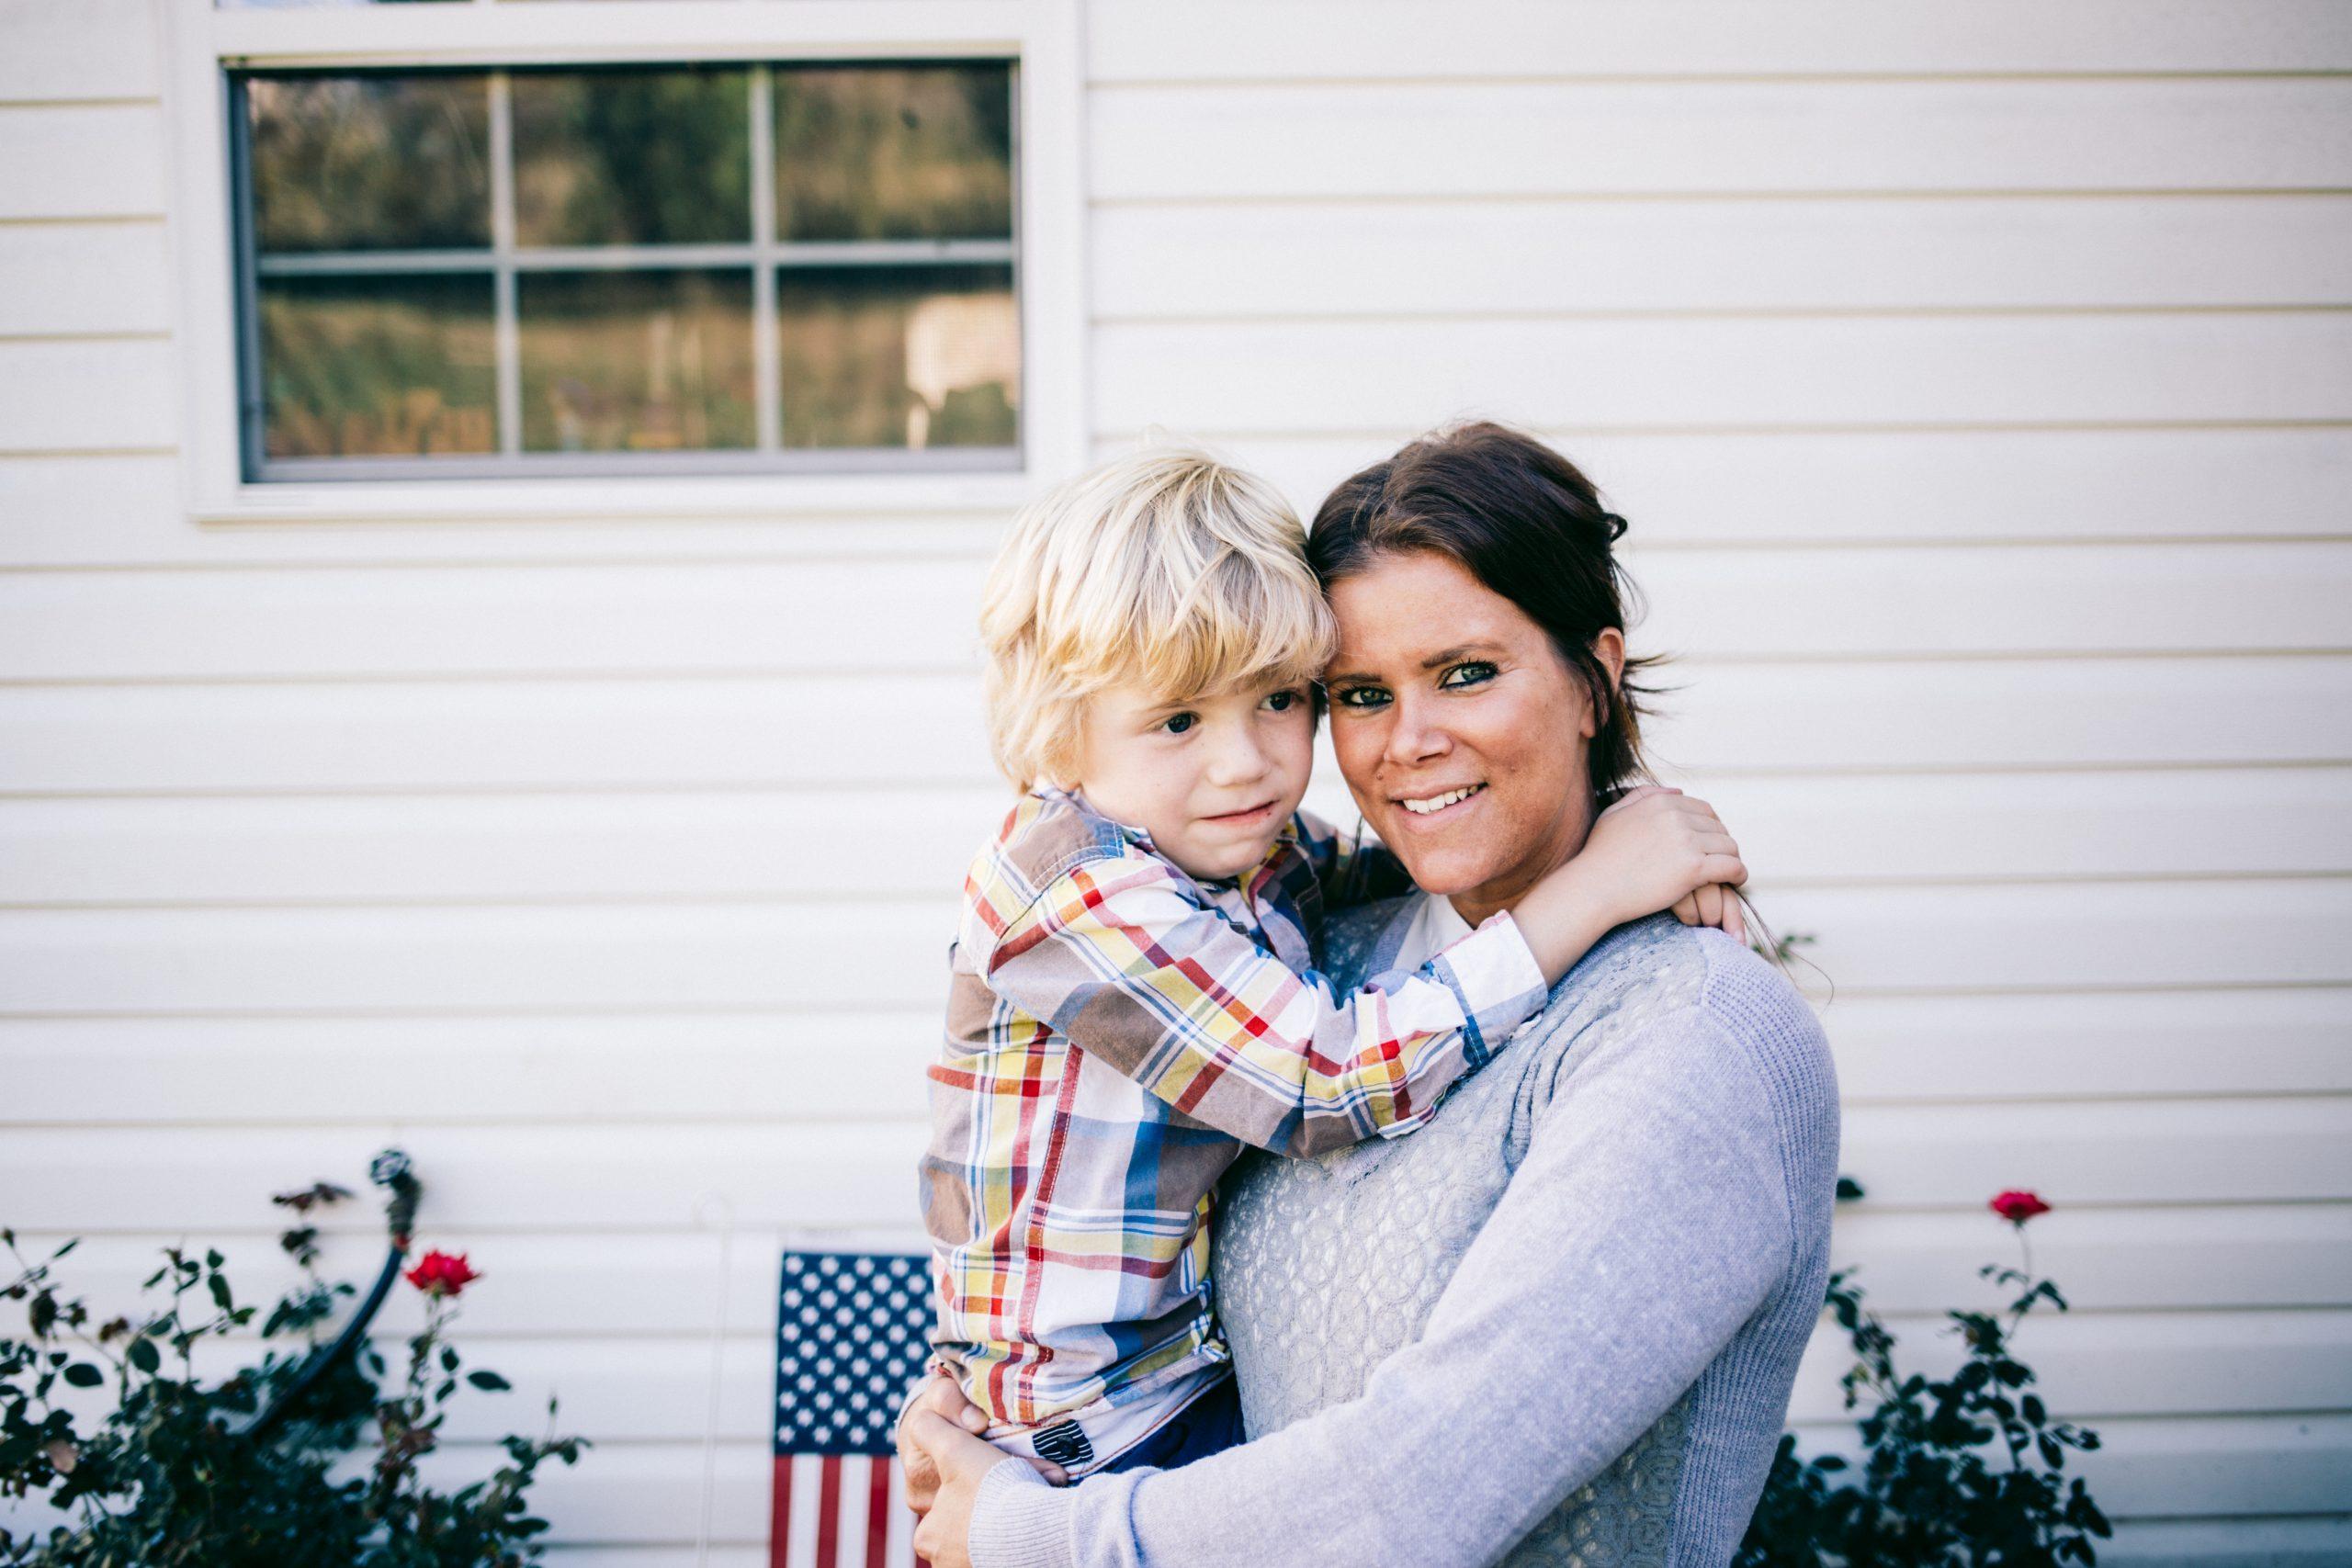 Danielle McKain and her son, Jameson